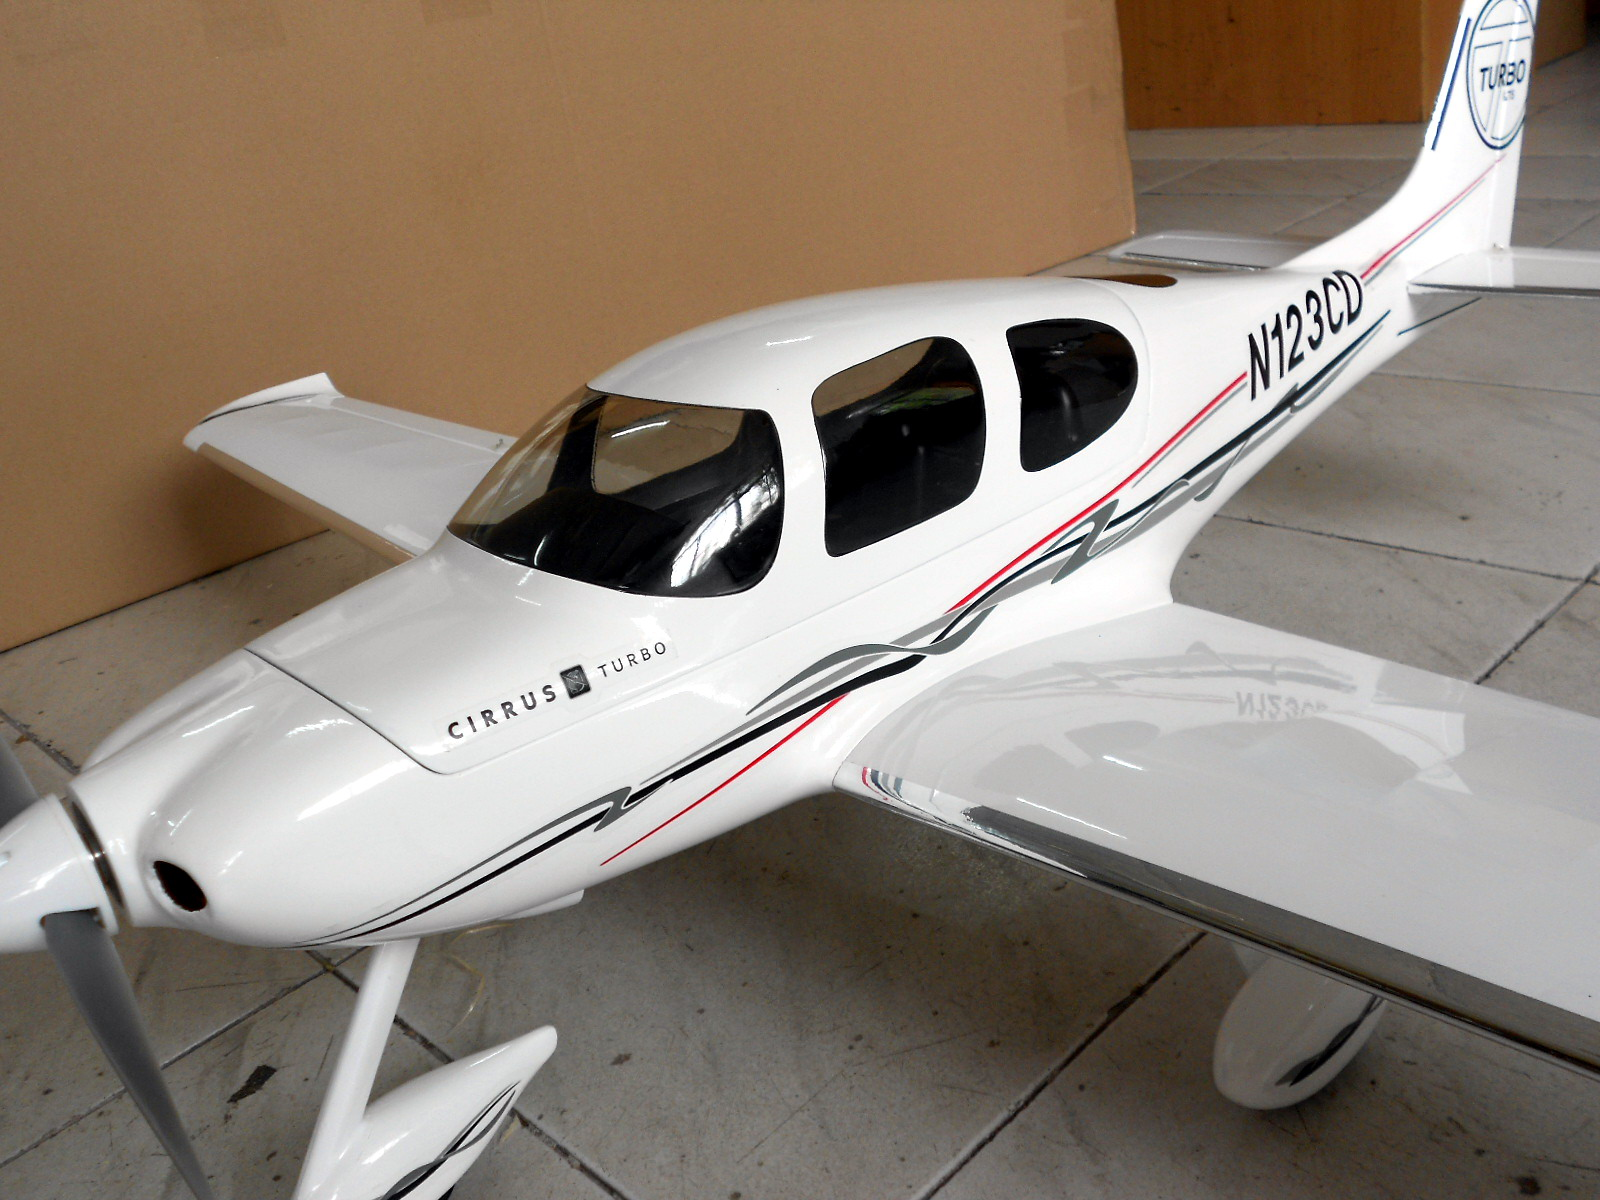 西锐sr22遥控固定翼航模飞机现已到报价